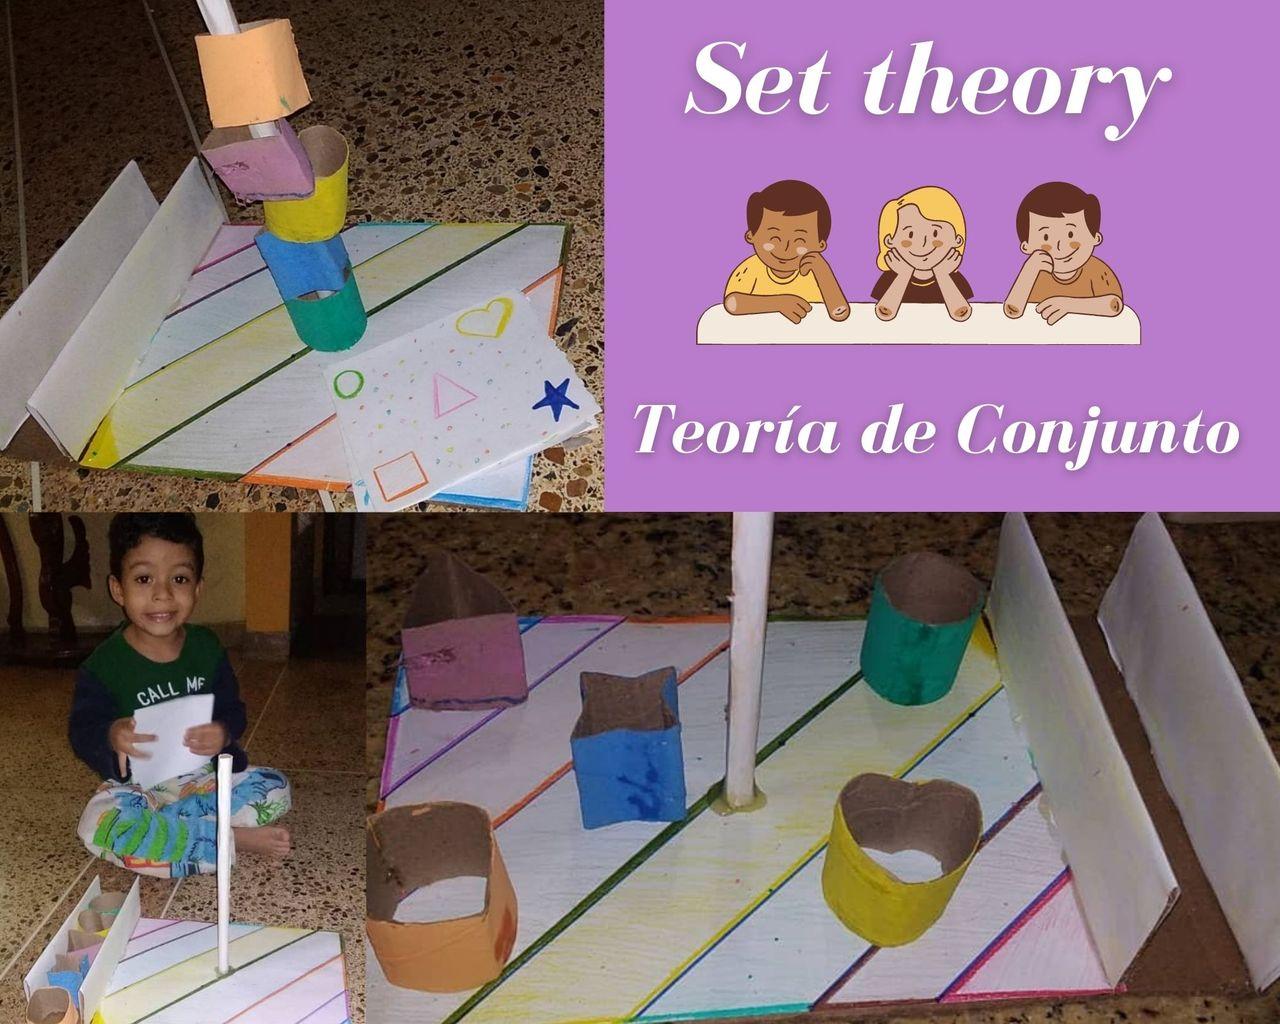 Teoría de Conjunto.jpg